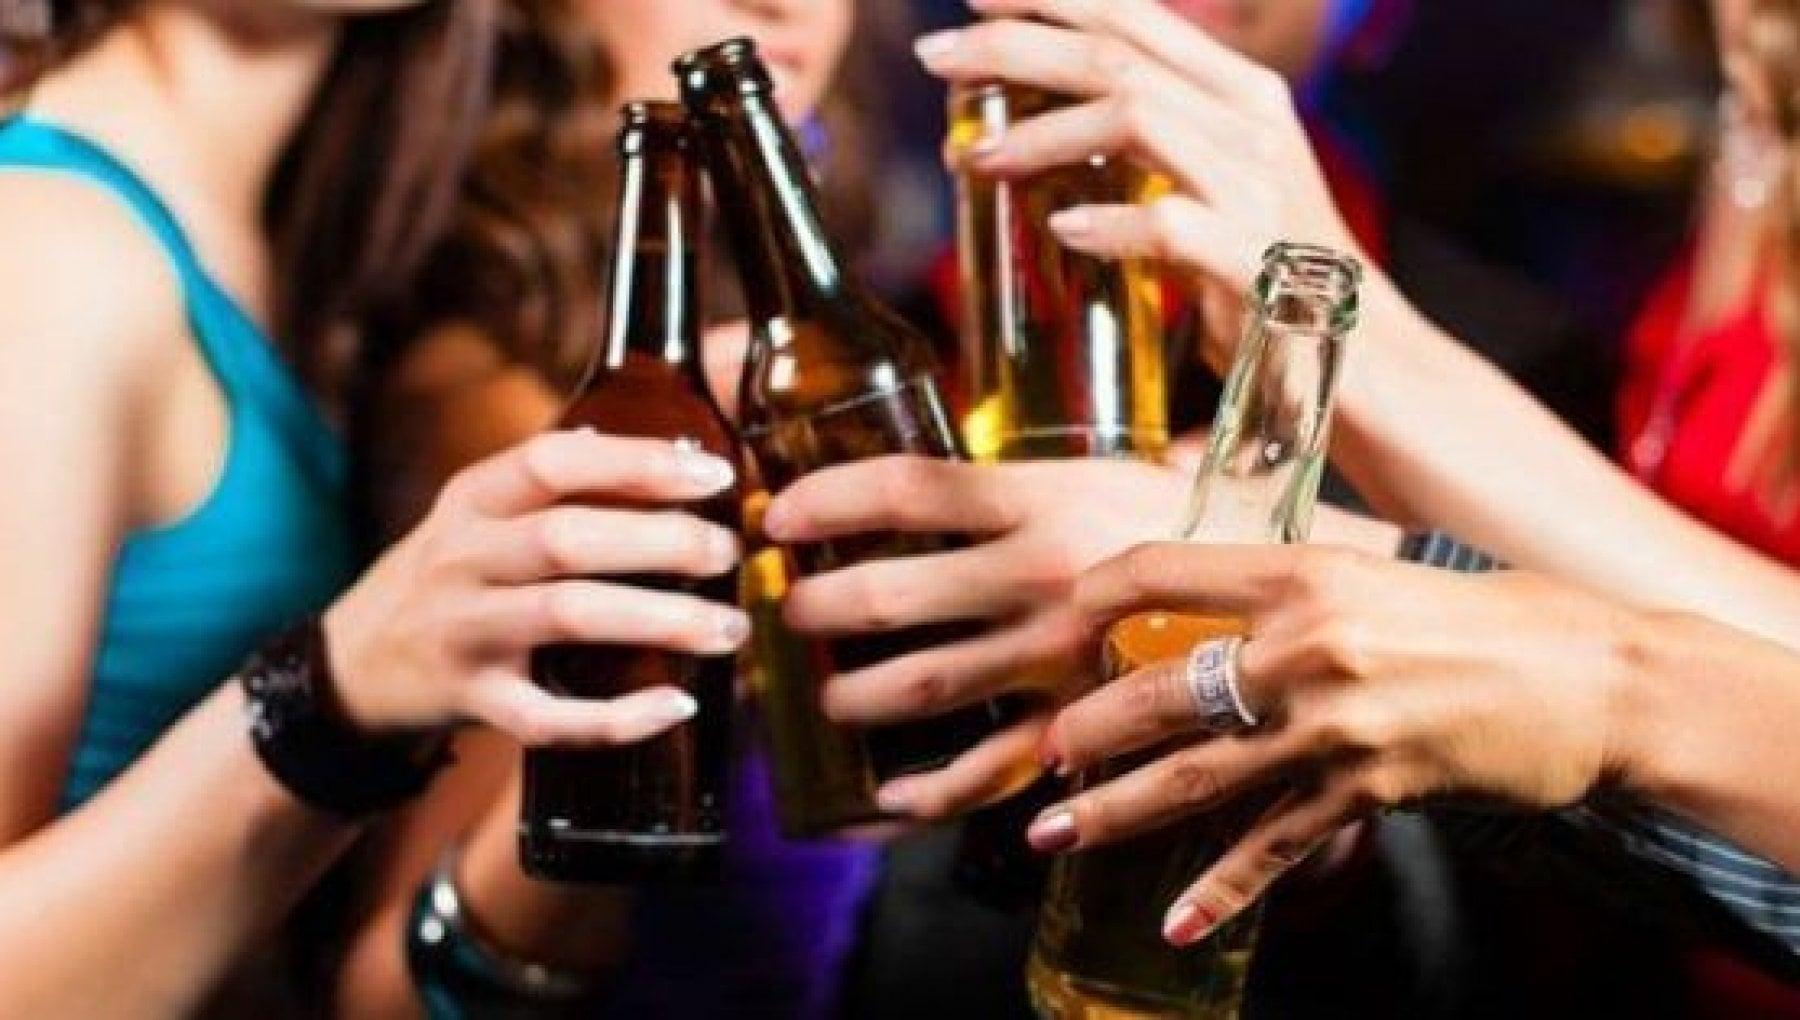 165946689 a9362eb6 3649 4da5 80e0 96632d88aeee - Genova, ubriaca a 14 anni, sviene: multata la madre